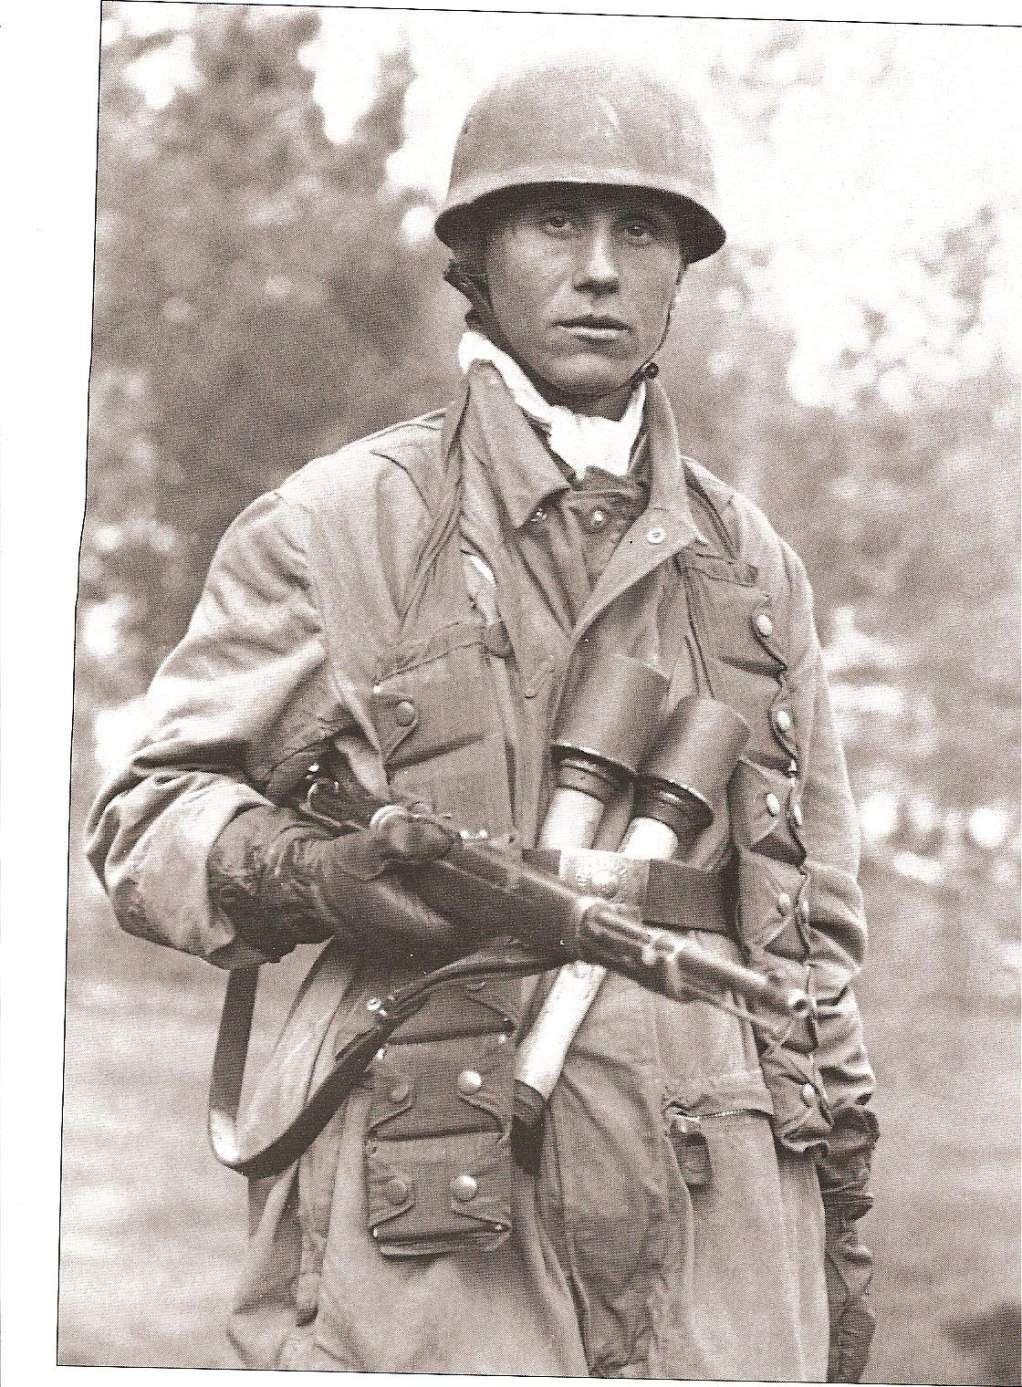 http://www.warrelics.eu/forum/attachments/heer-buckles/39111d1242954645- fallschirmjager-heer-buckle-falls.…   Guerre mondiale, Guerres mondiales,  Histoire militaire